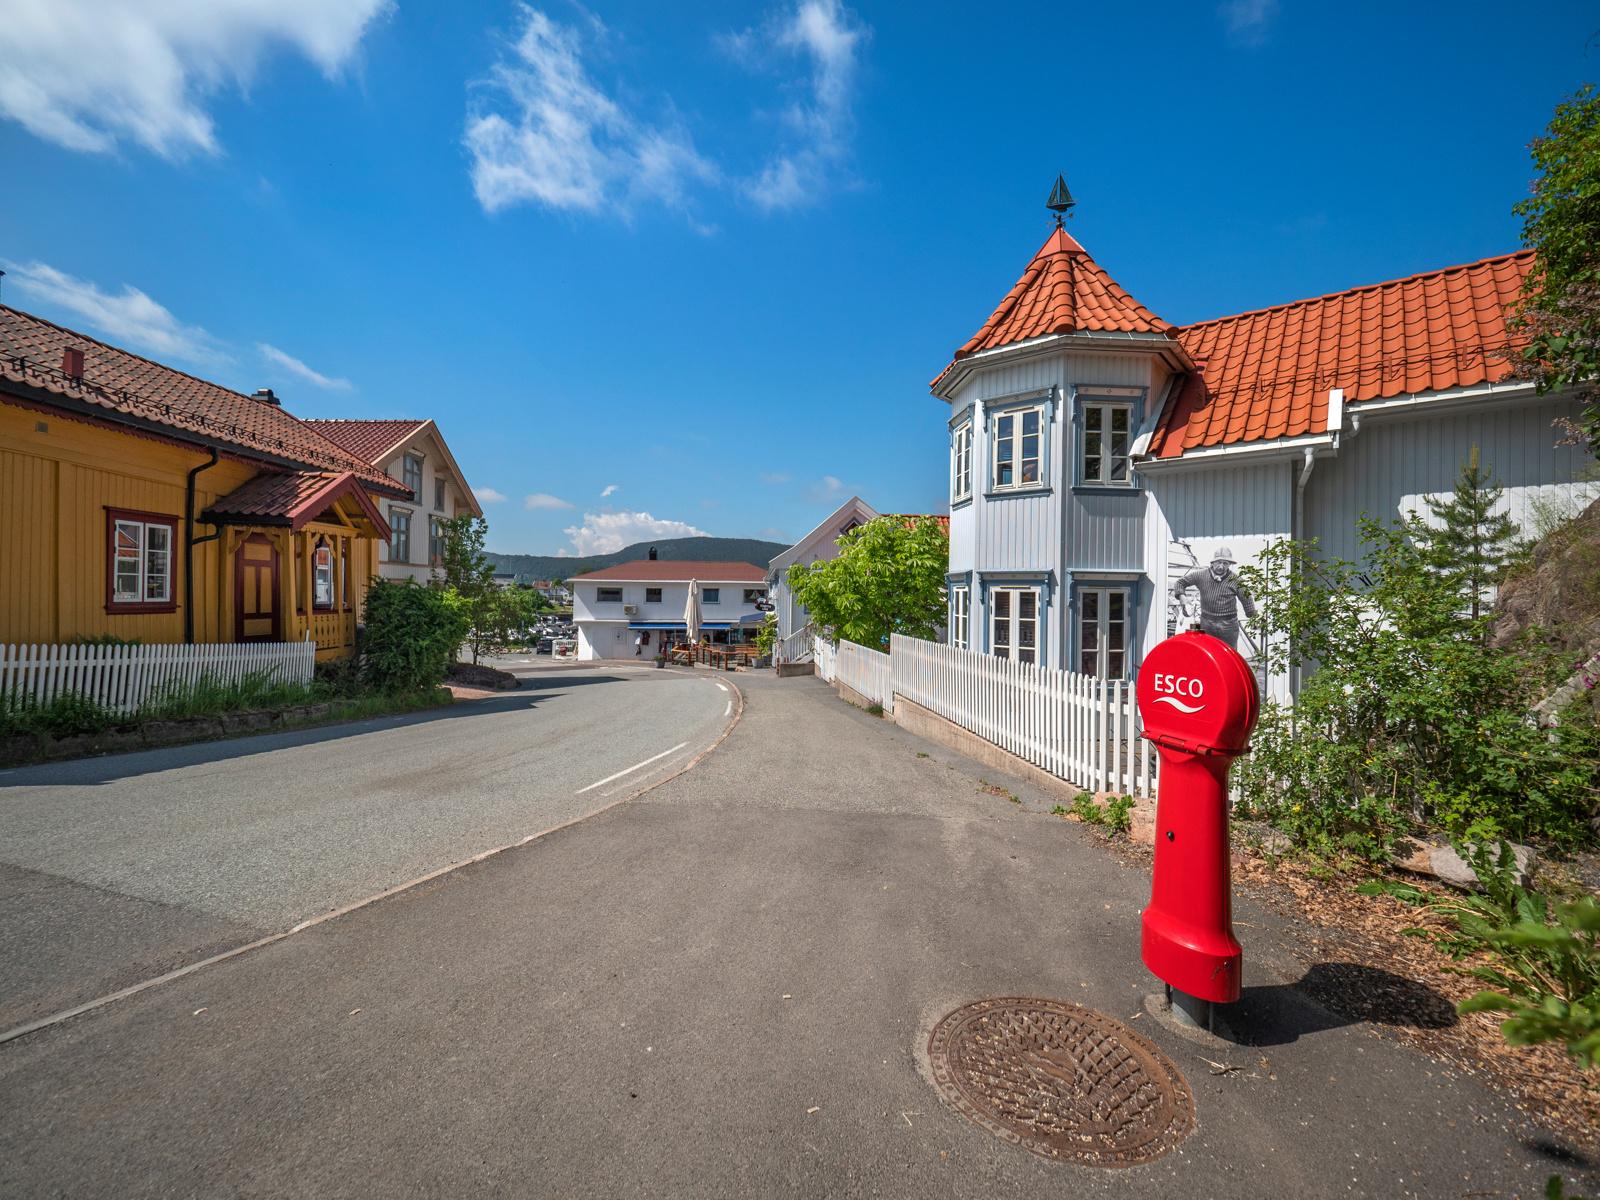 For å komme til hytta passerer du Holmsbu sentrum som byr på dagligvarehandel, restauranter, sommerbutikker og eget badehotell